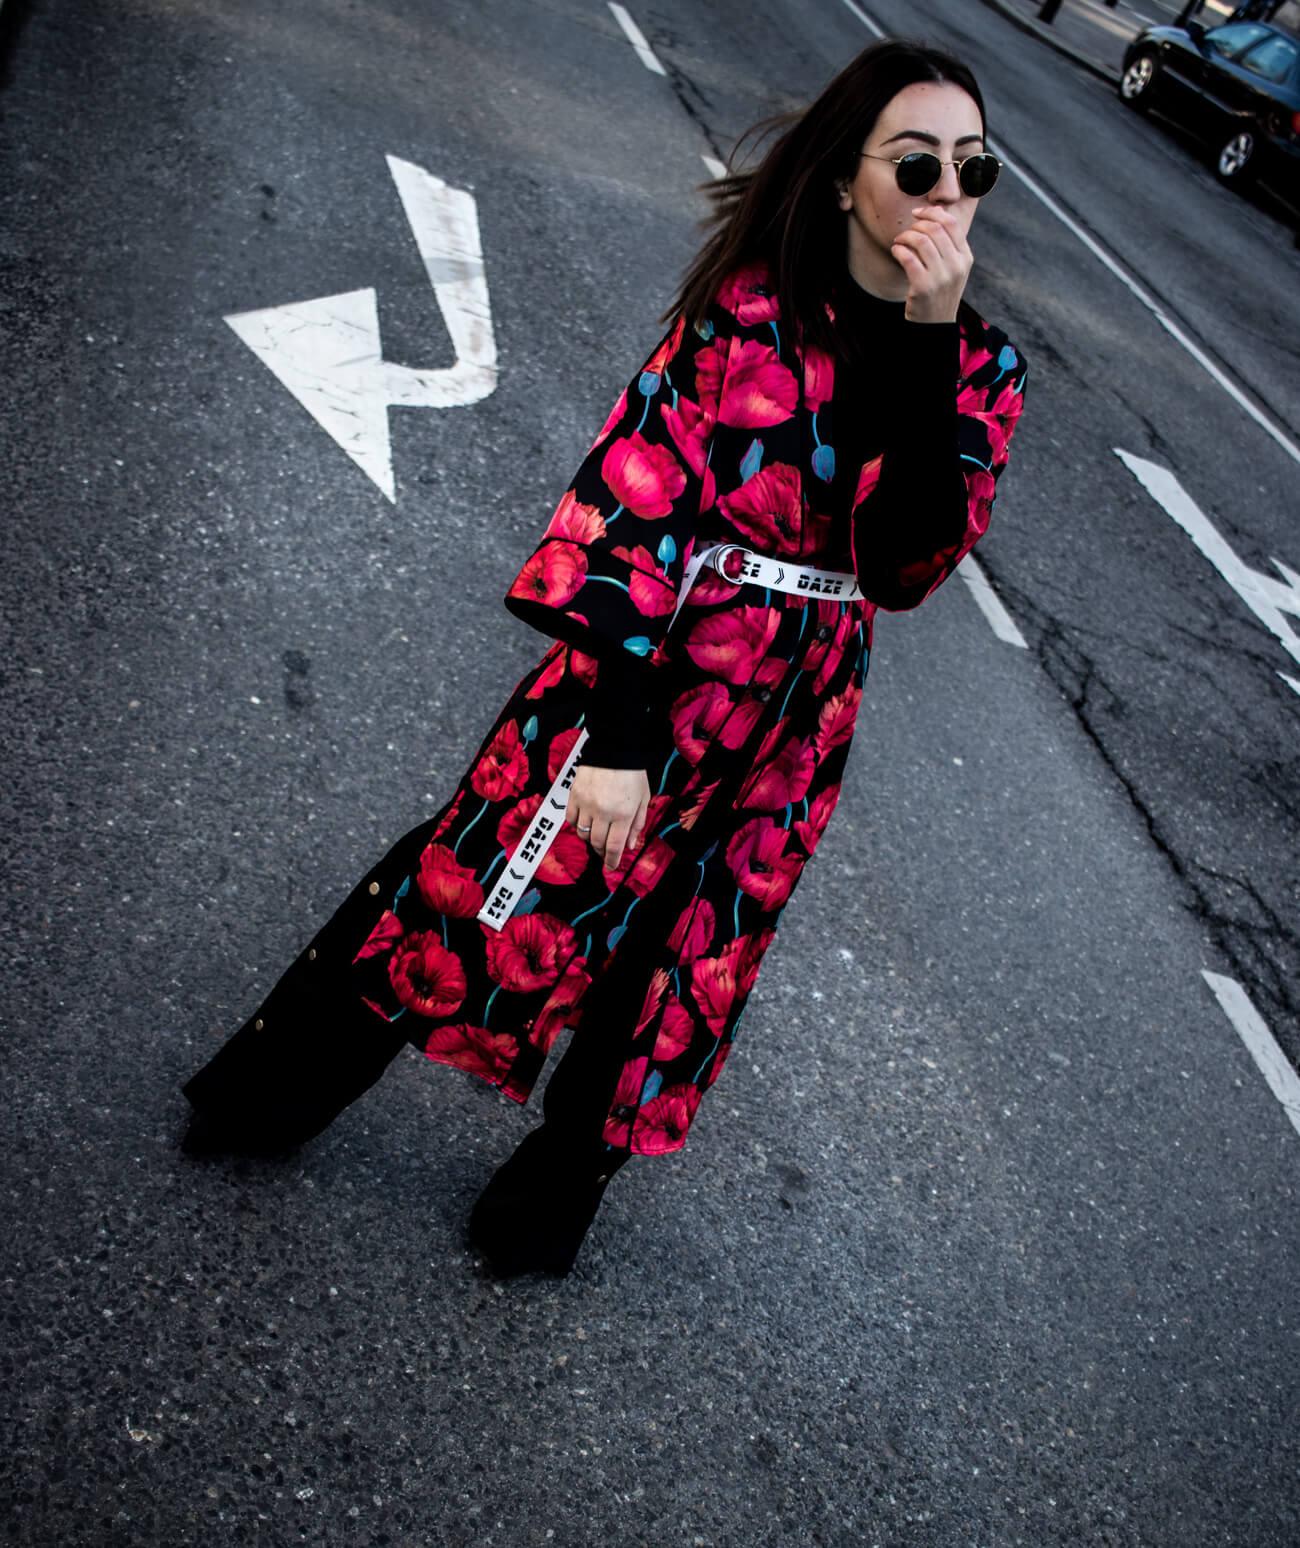 Wie trägt man den Kimono im Alltag?